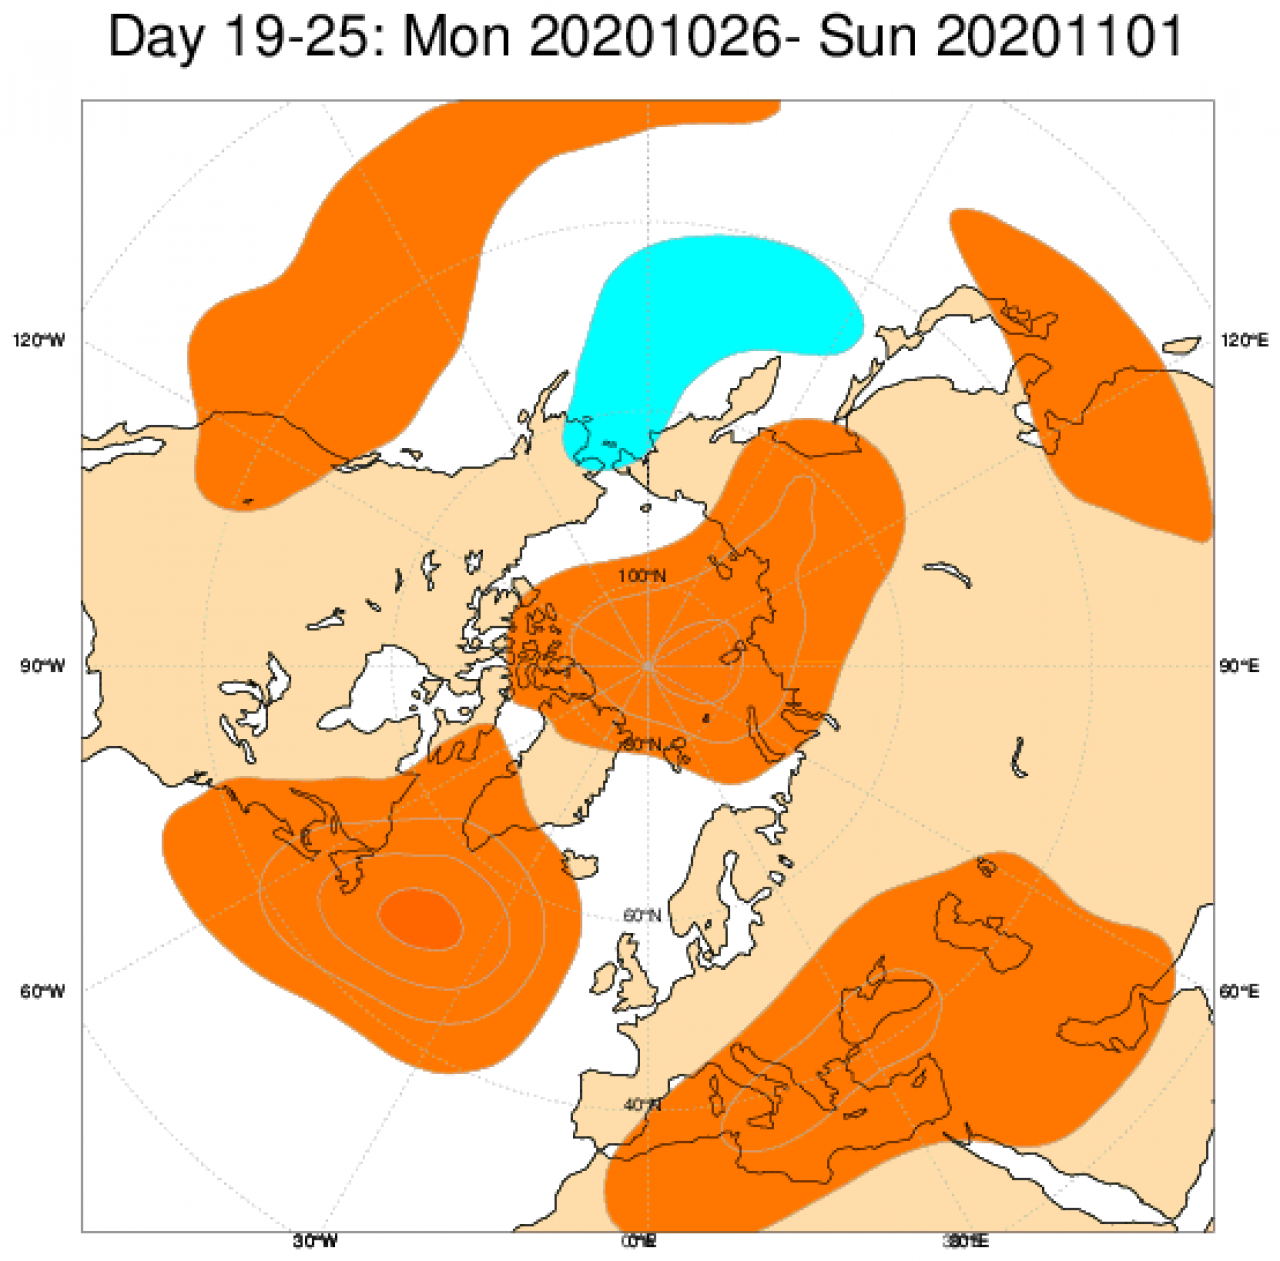 anomalie geopotenziale a 500 hpa 26-02 novembre secondo Ecmwf